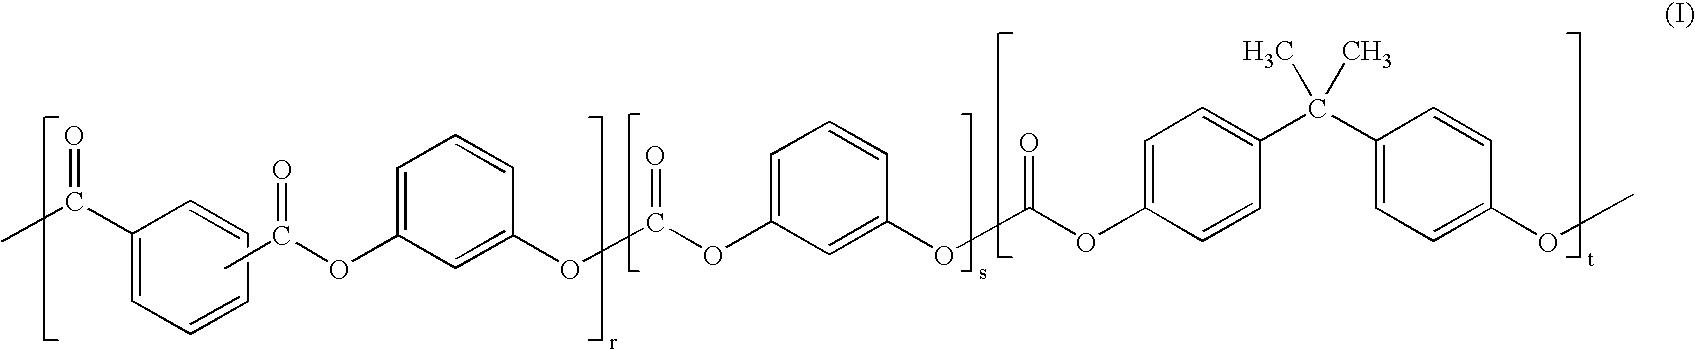 Figure US07323536-20080129-C00042